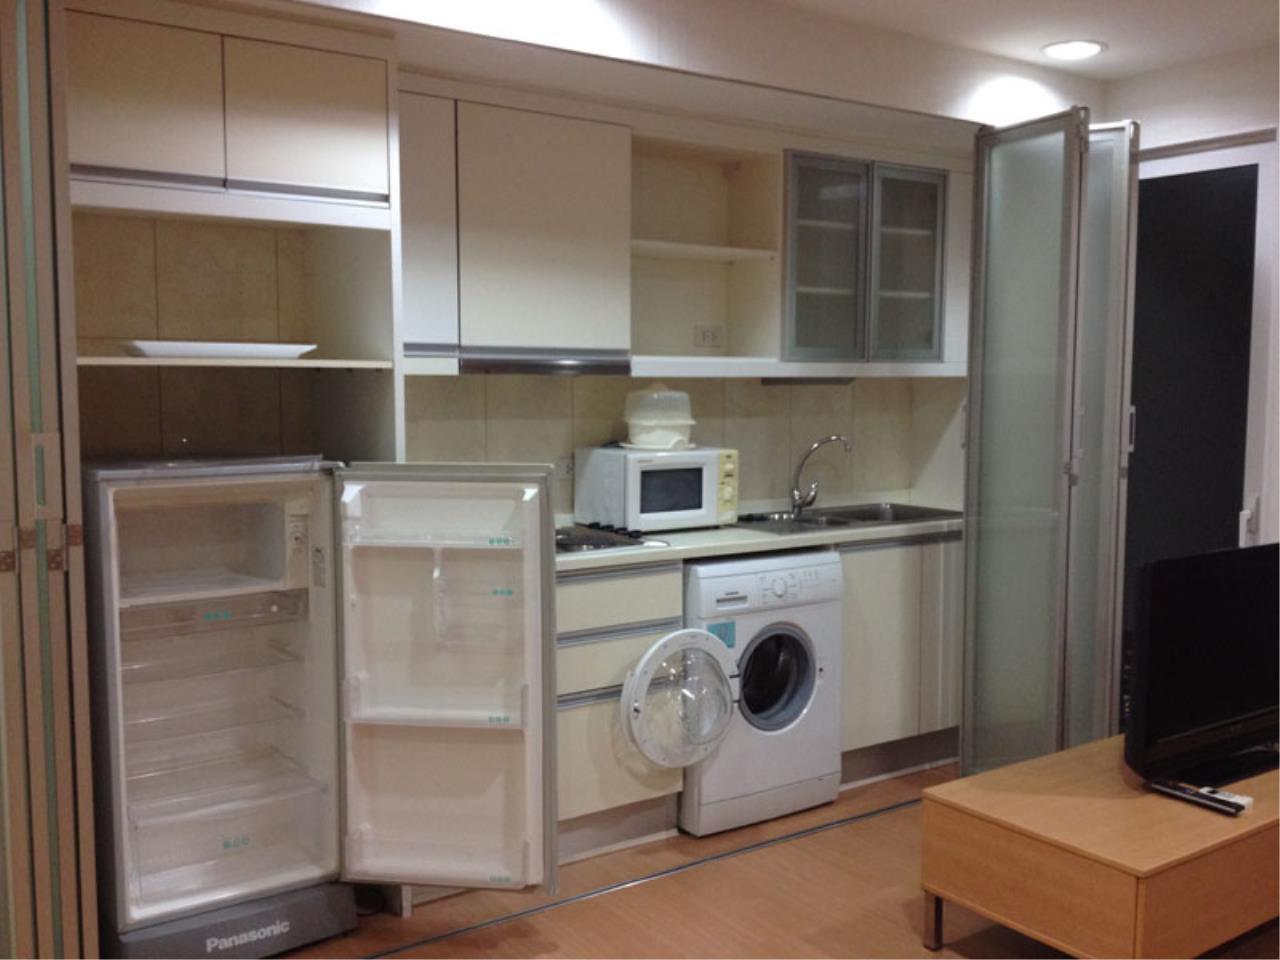 BKK Condos Agency's Two bedroom condo for rent at The Bangkok Sab Road  5